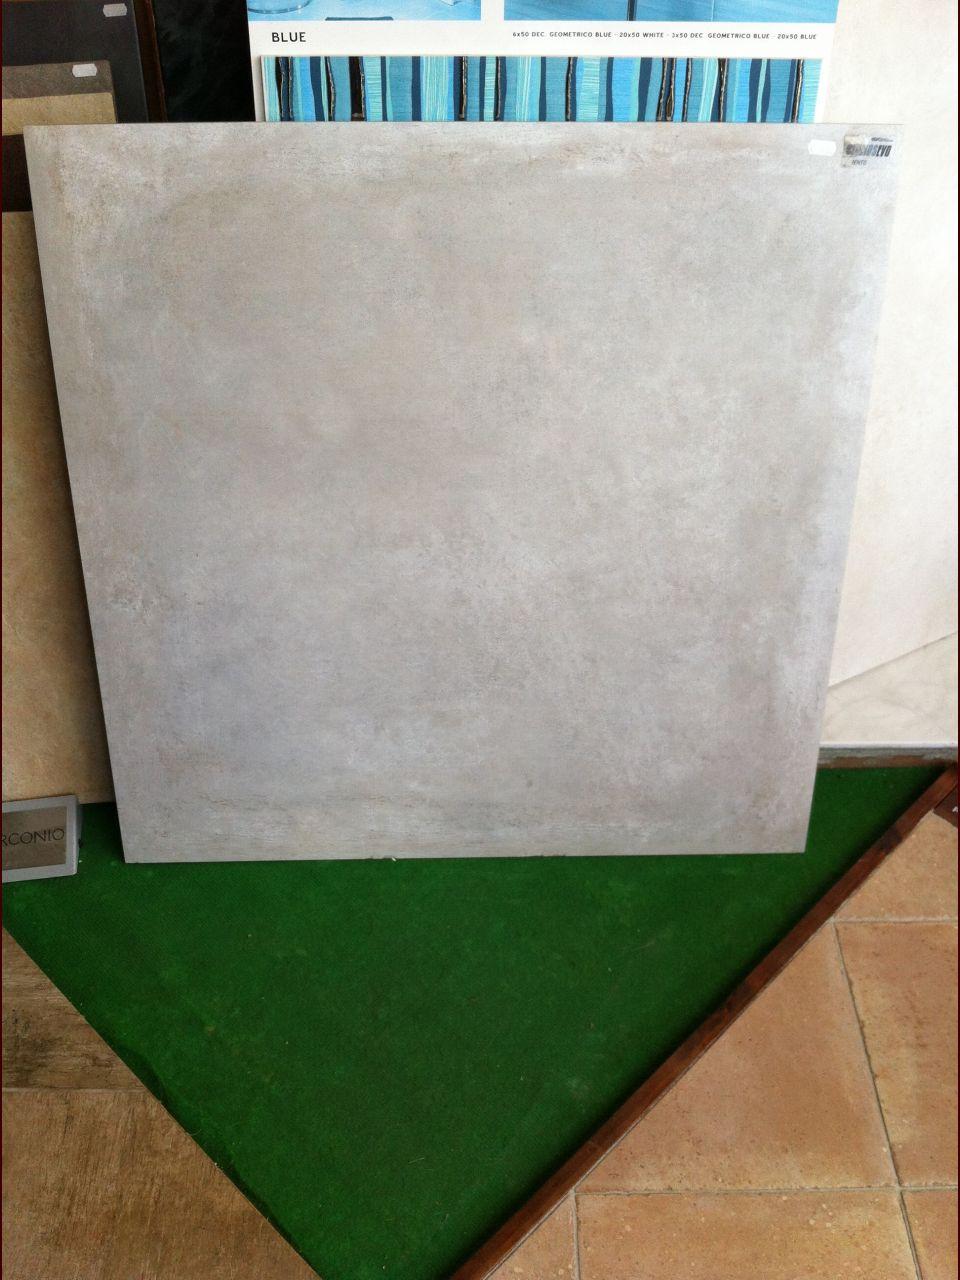 Carrelage gris ciment 80 x 80 proposé par l'archi.